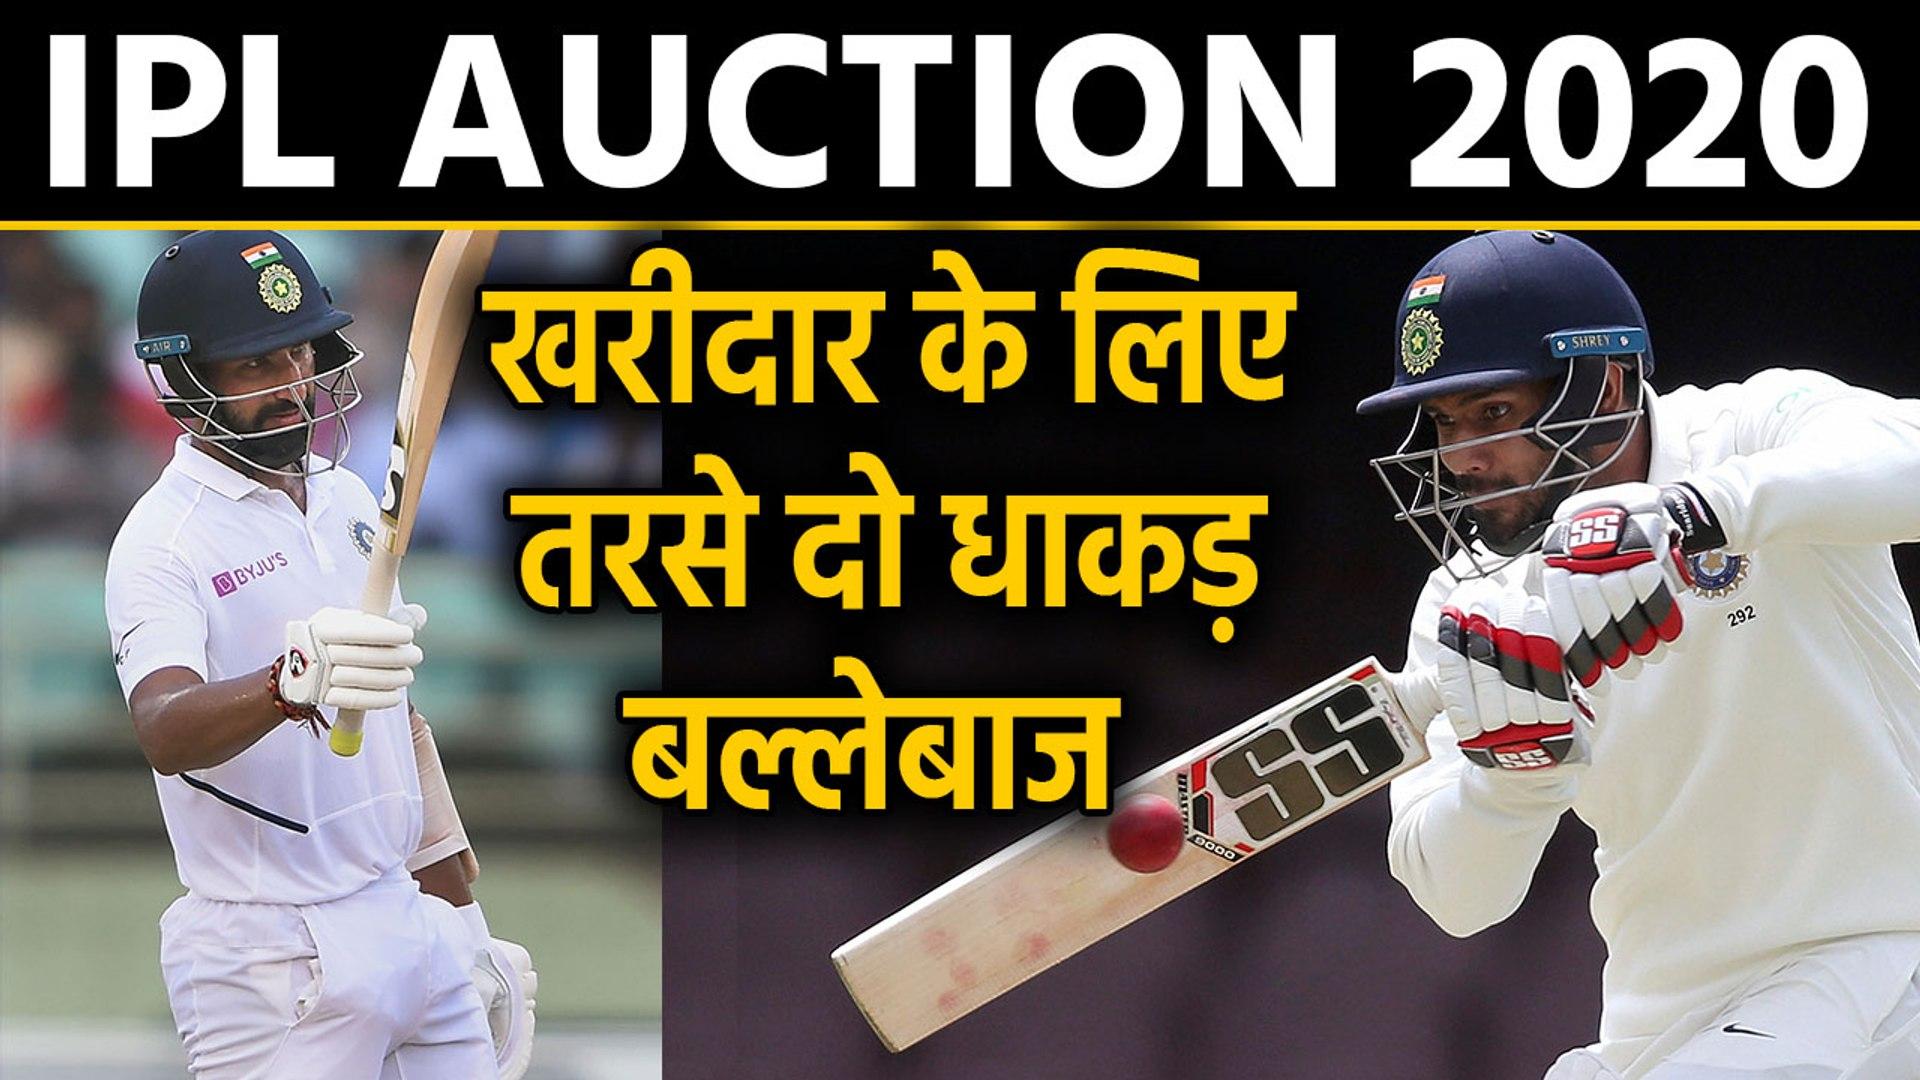 IPL Auction 2020 : Cheteshwar Pujara और Hanuma Vihari को नहीं मिले खरीदार | वनइंडिया हिंदी